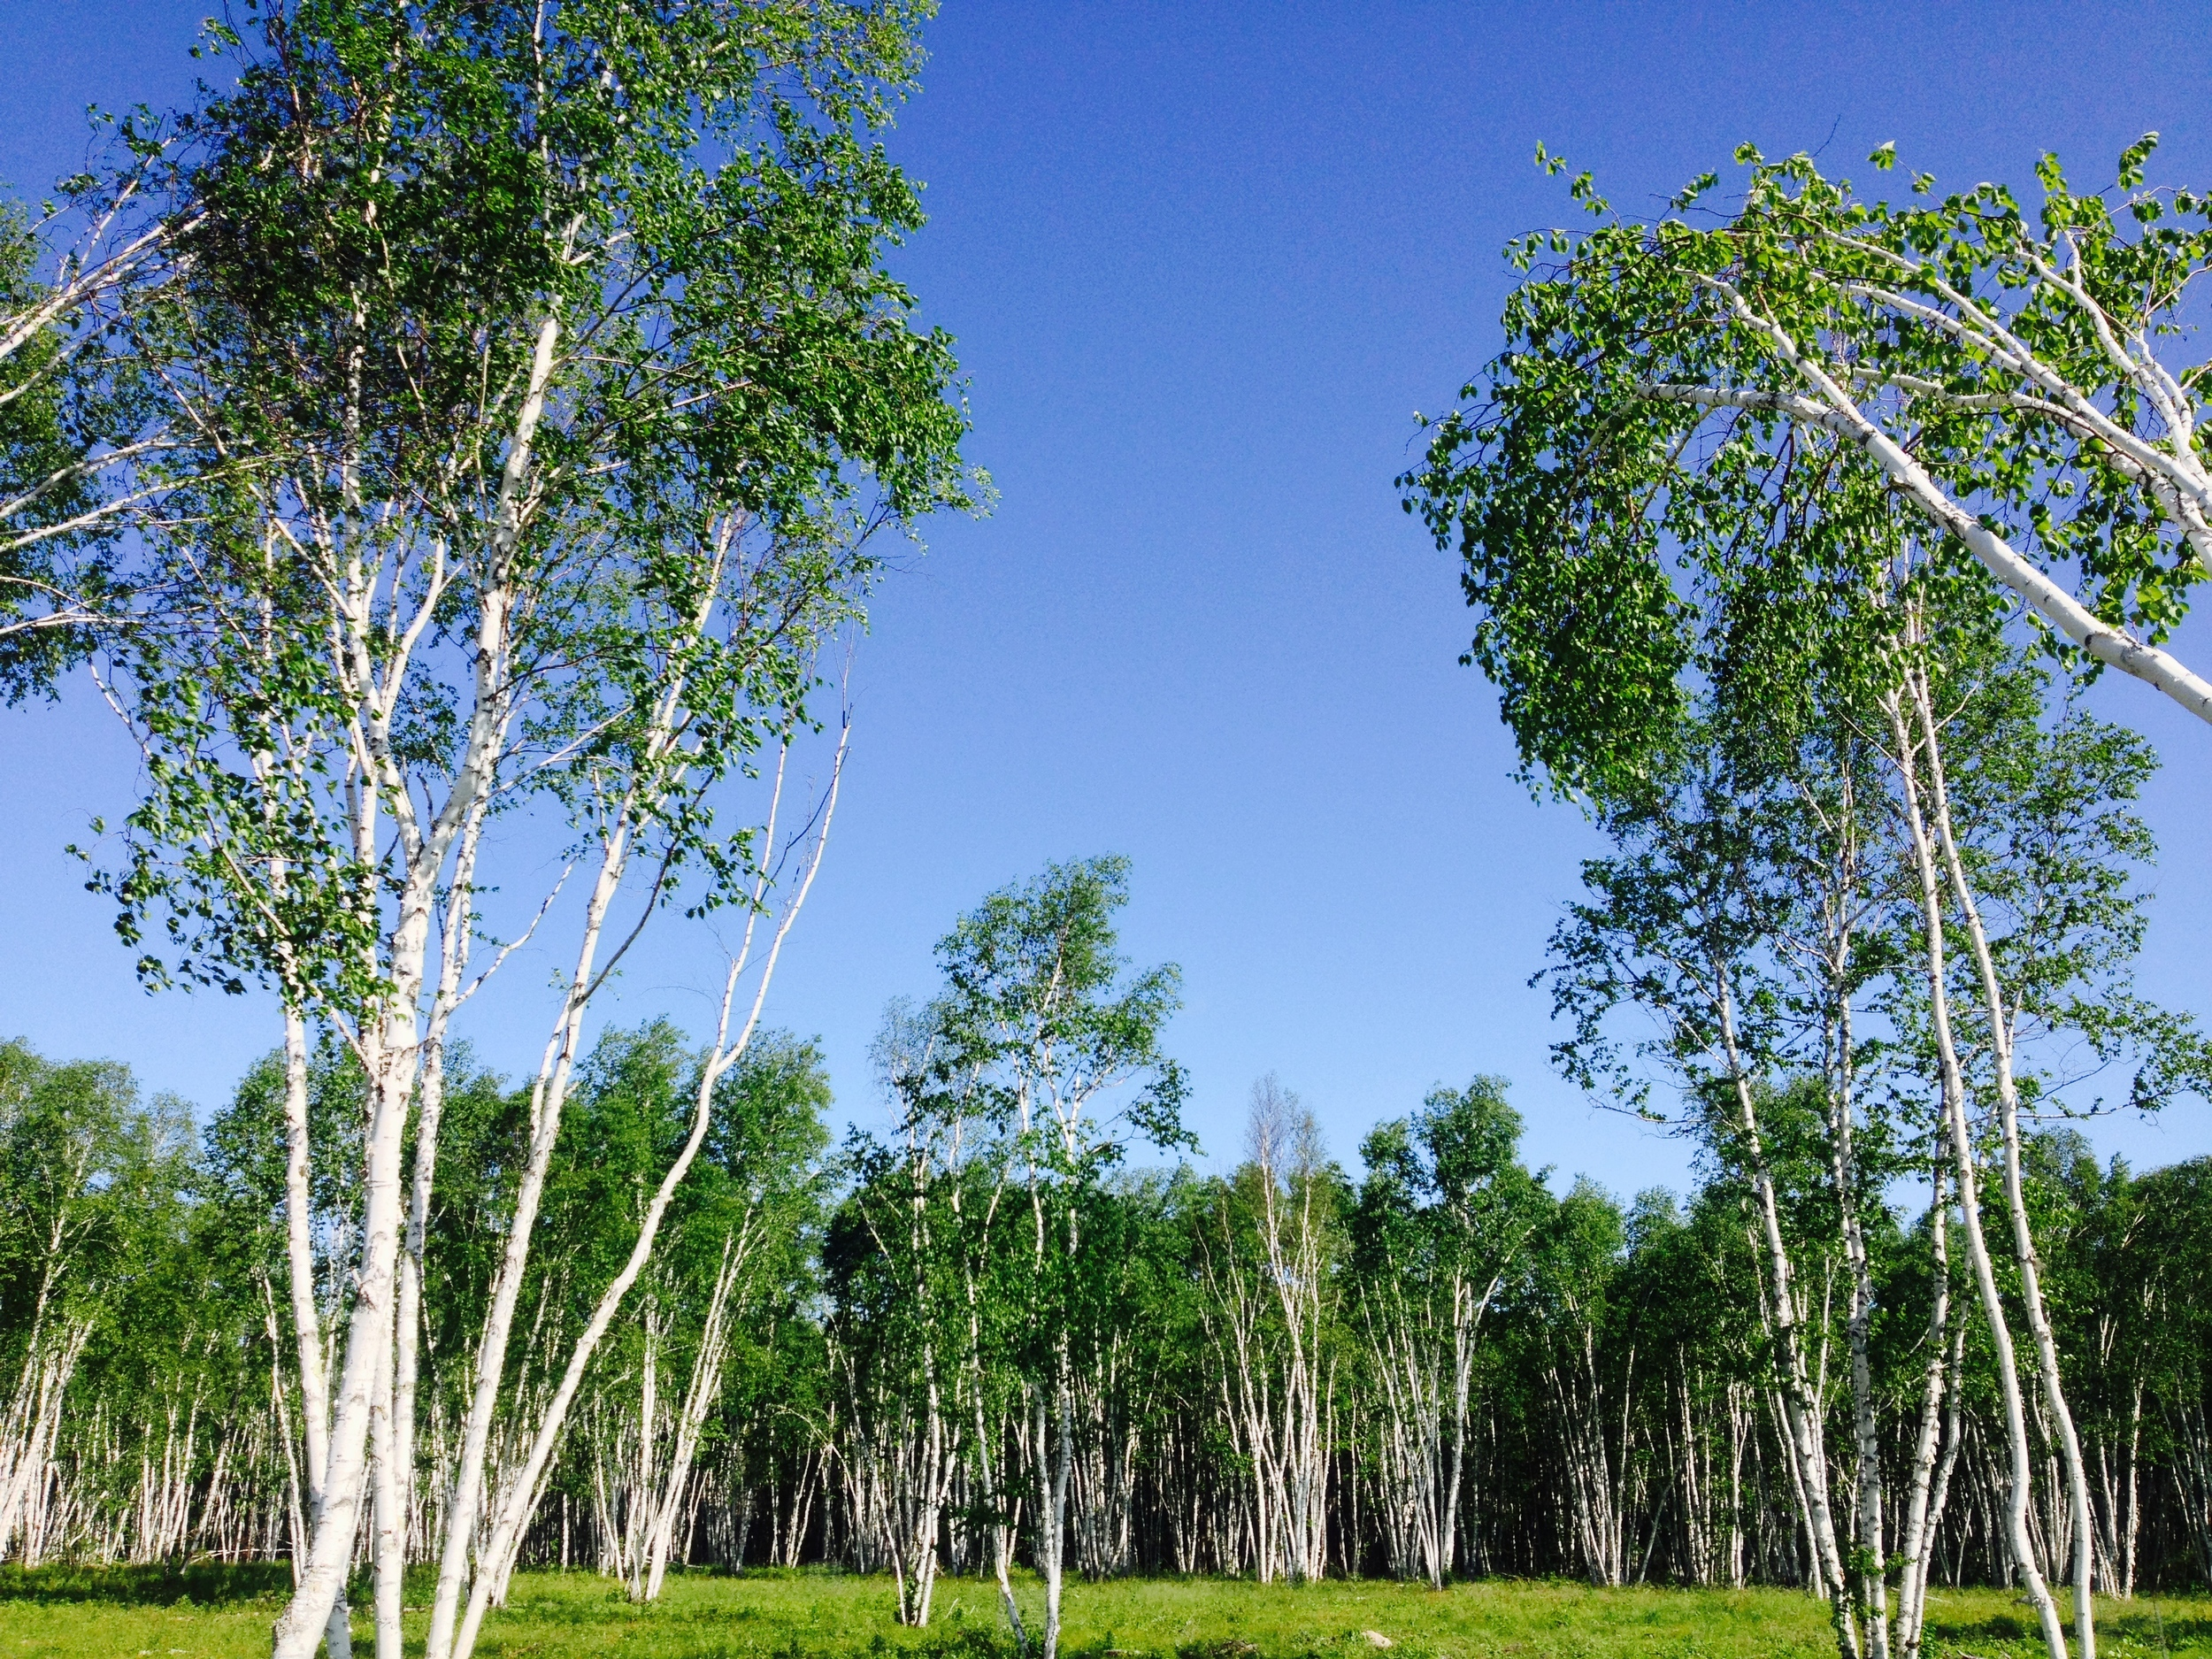 Birch Groves